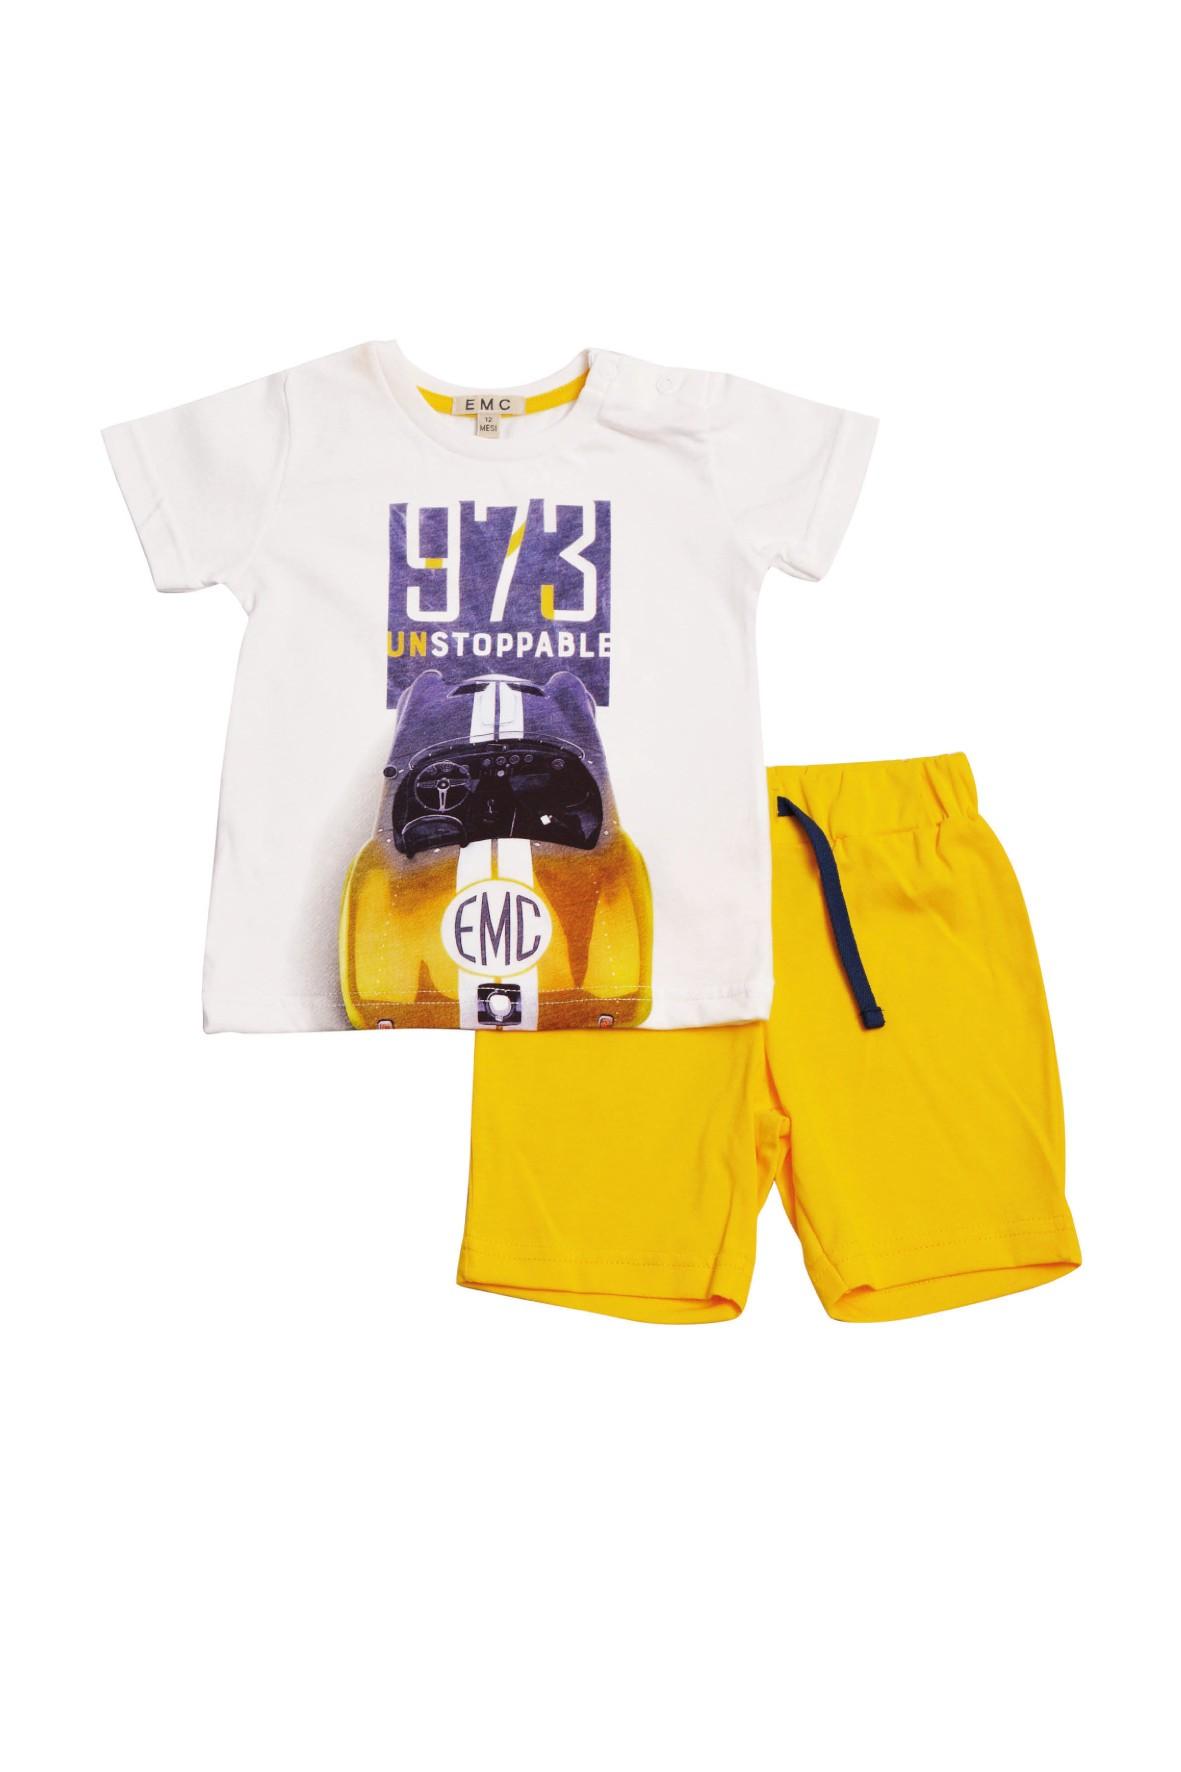 Komplet chłopięcy koszulka+ żółte spodenki